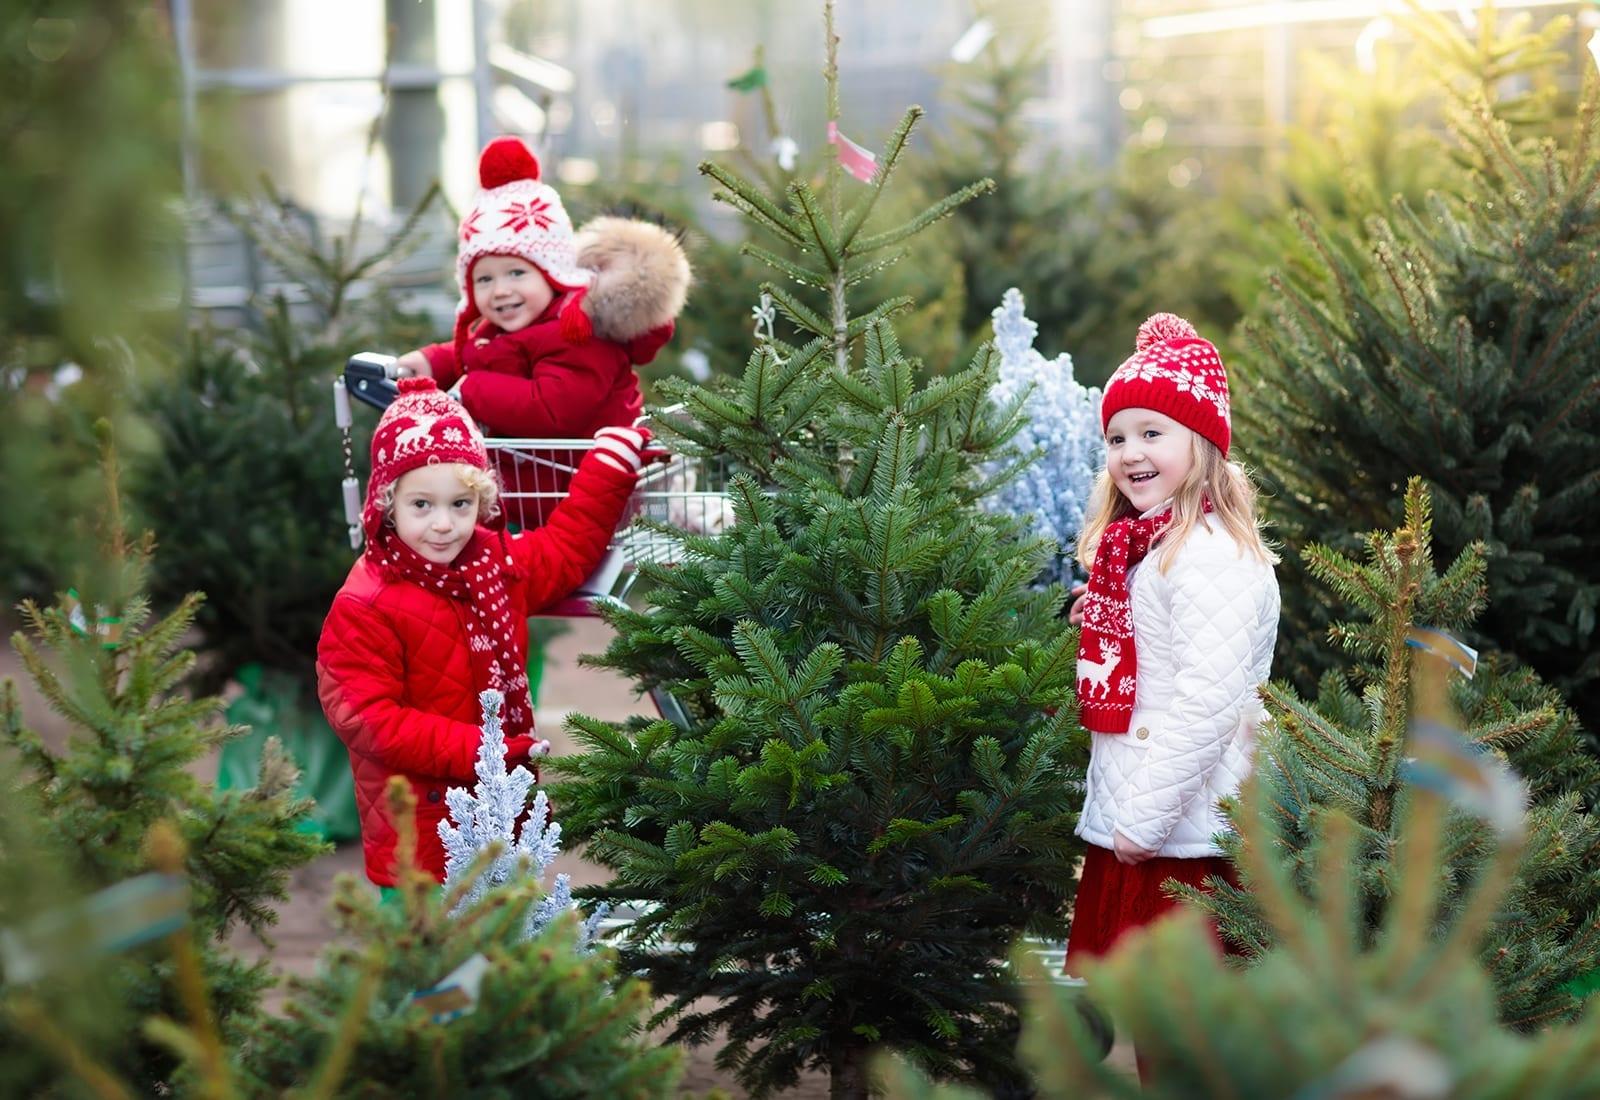 Fresh Cut Christmas Trees & Greens